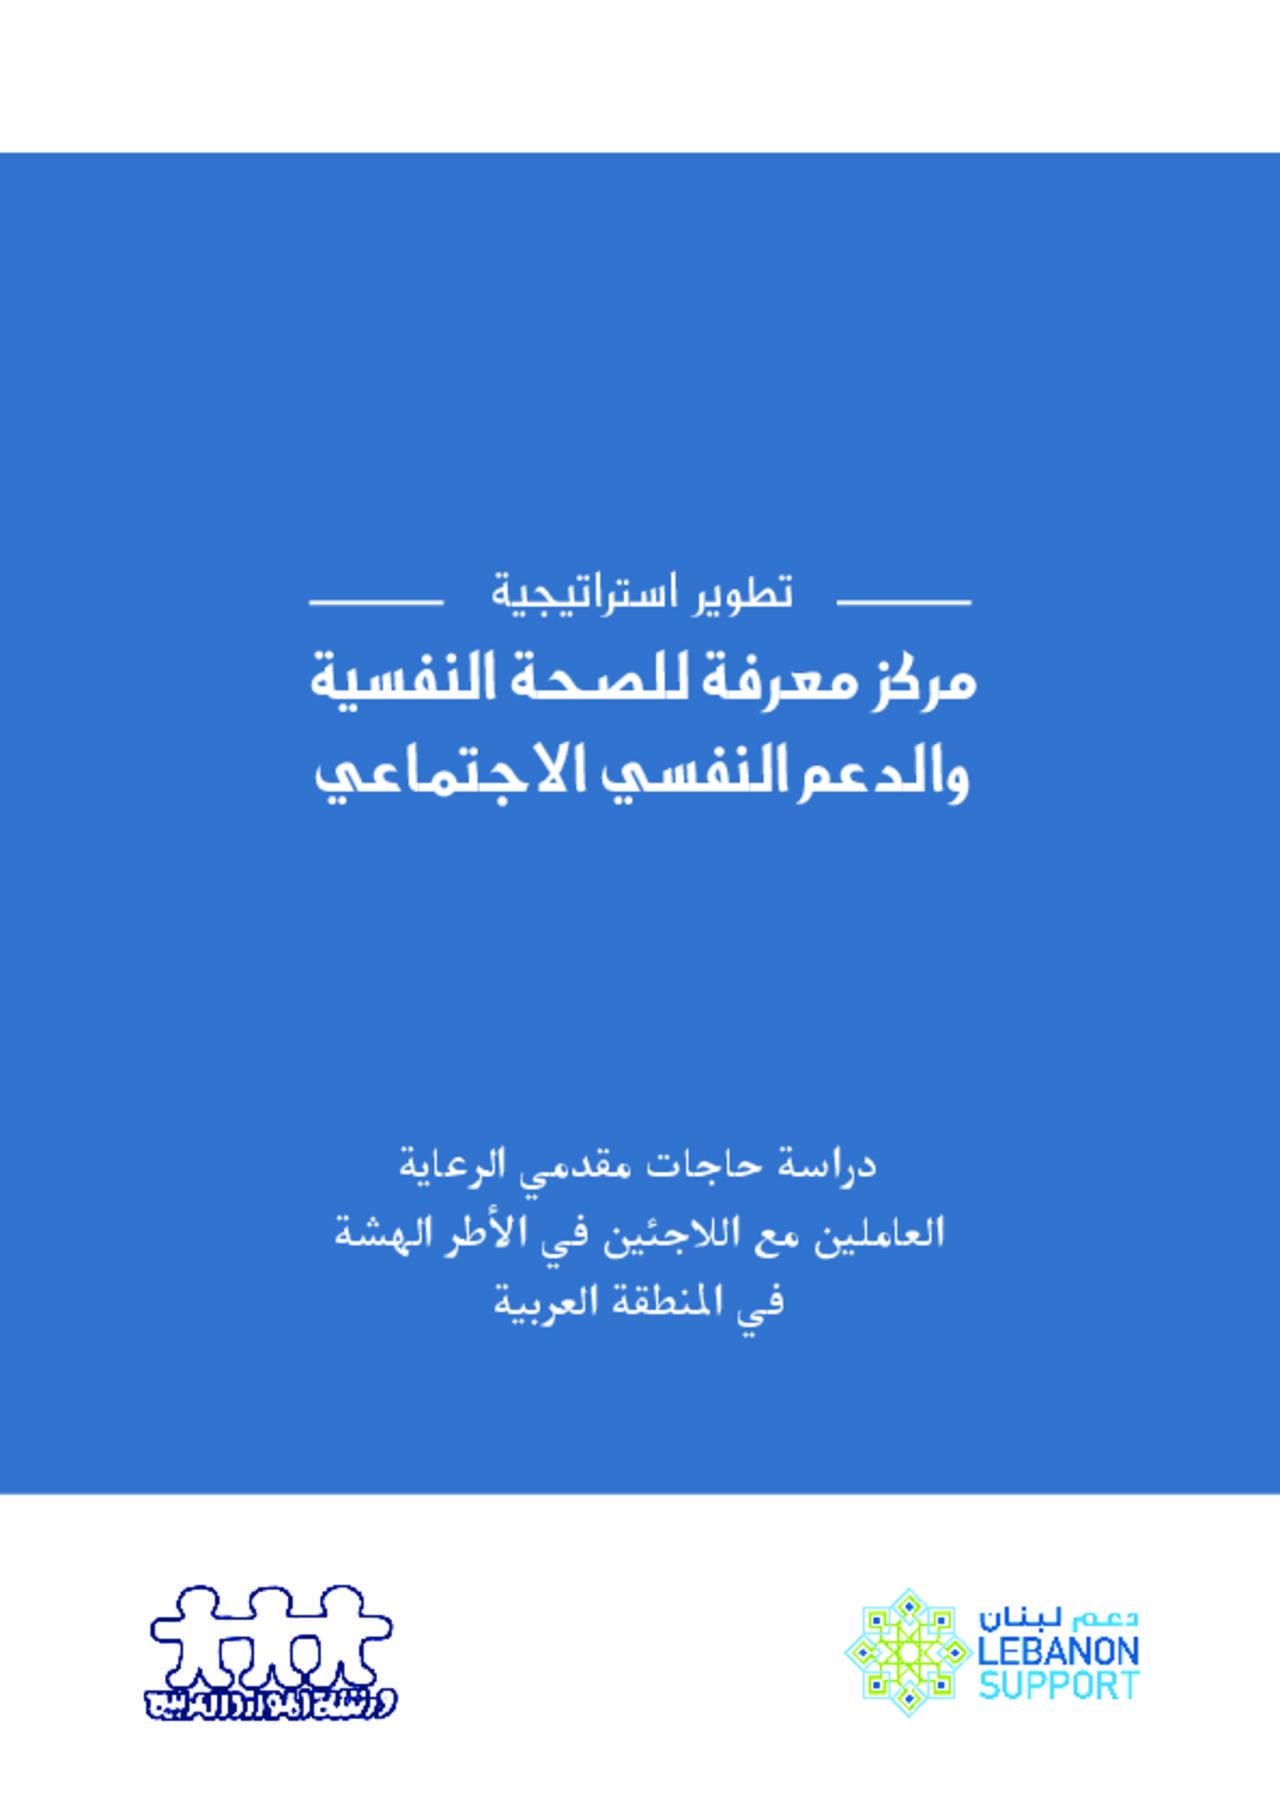 يهدف هذا التقرير إلى تحديد التأثيرات والحاجات النفسية الإجتماعية للعاملين الإنسانيين مع الالجئين السوريين